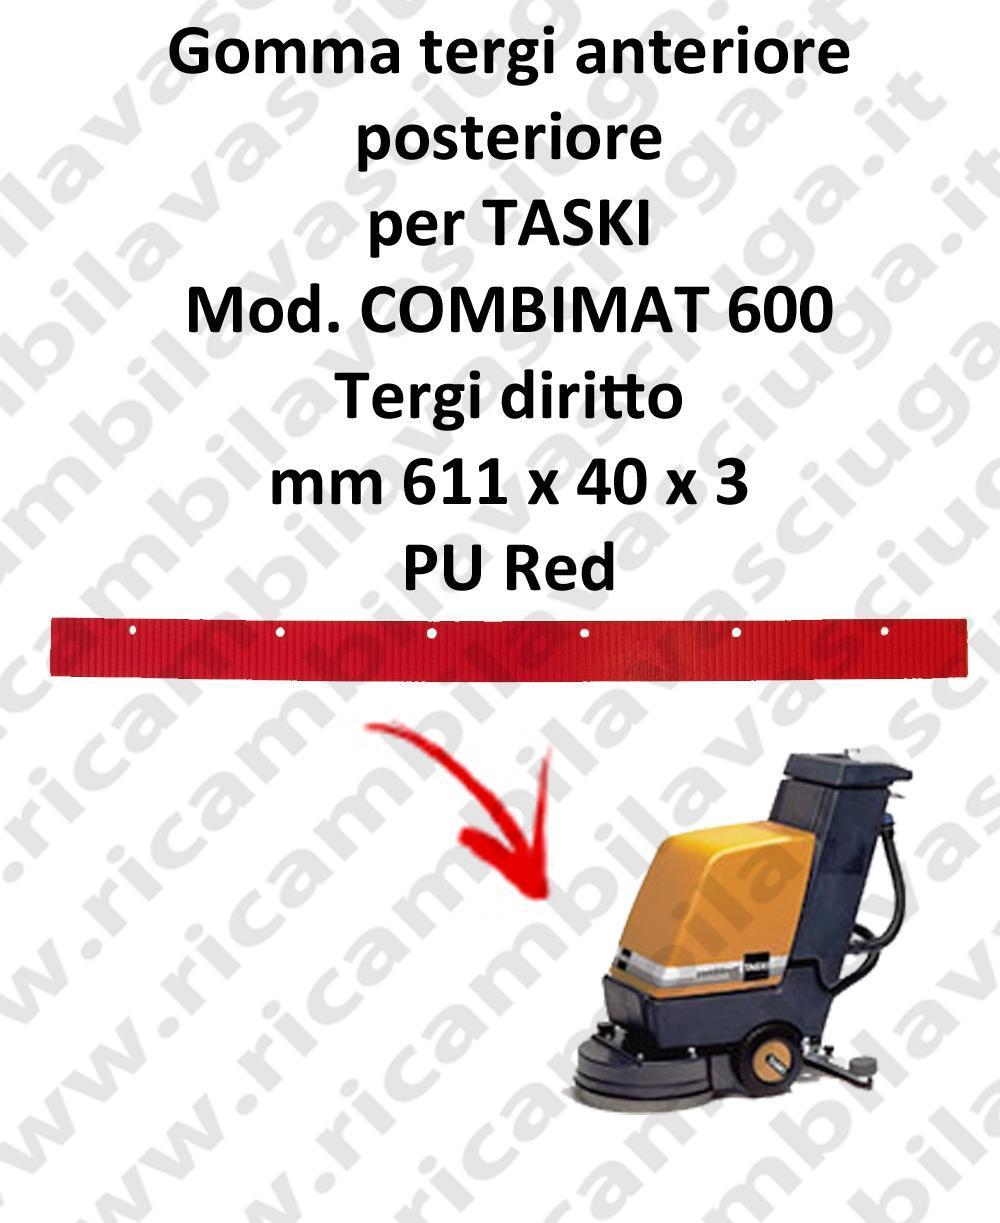 COMBIMAT 600 gerade saugbalken Vorne und Hinten sauglippen für scheuersaugmaschinen TASKI